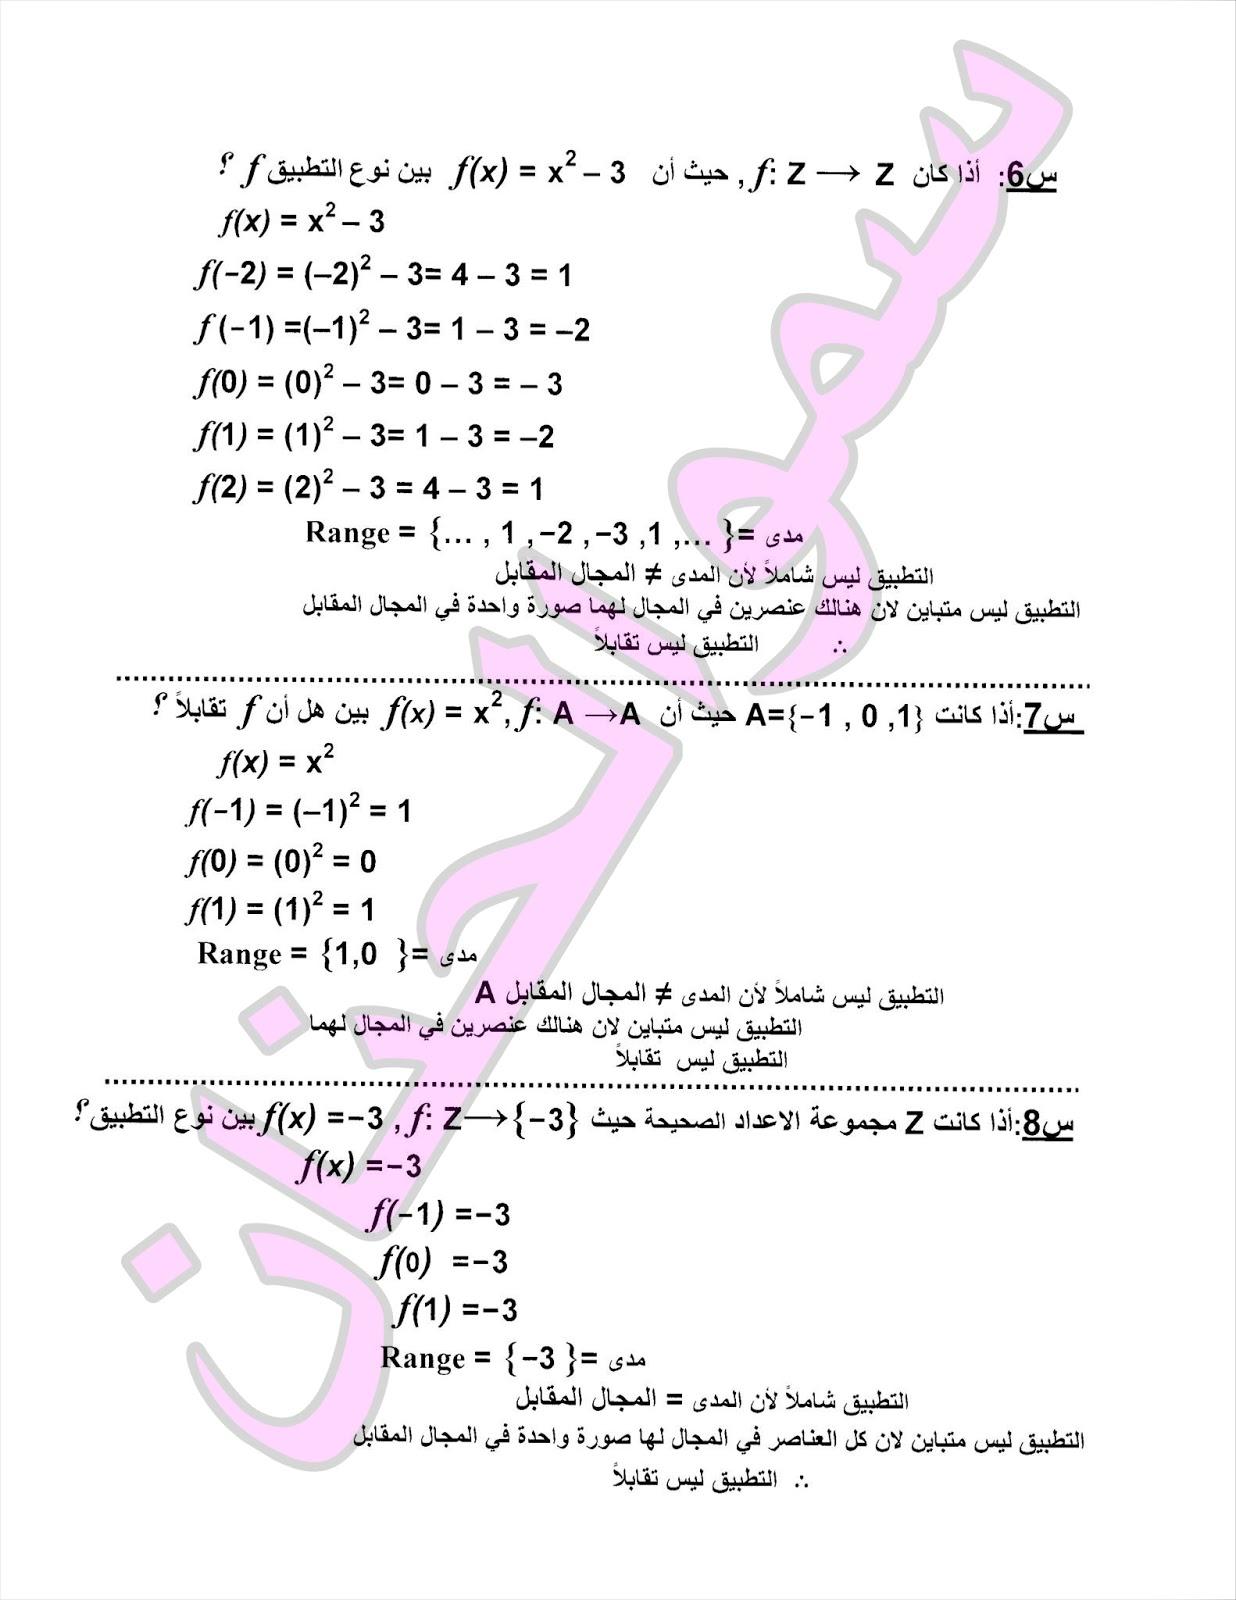 المراجعة المركزة وملخص لمادة الرياضيات للصف الثالث المتوسط 2017   الجزء 1 1112